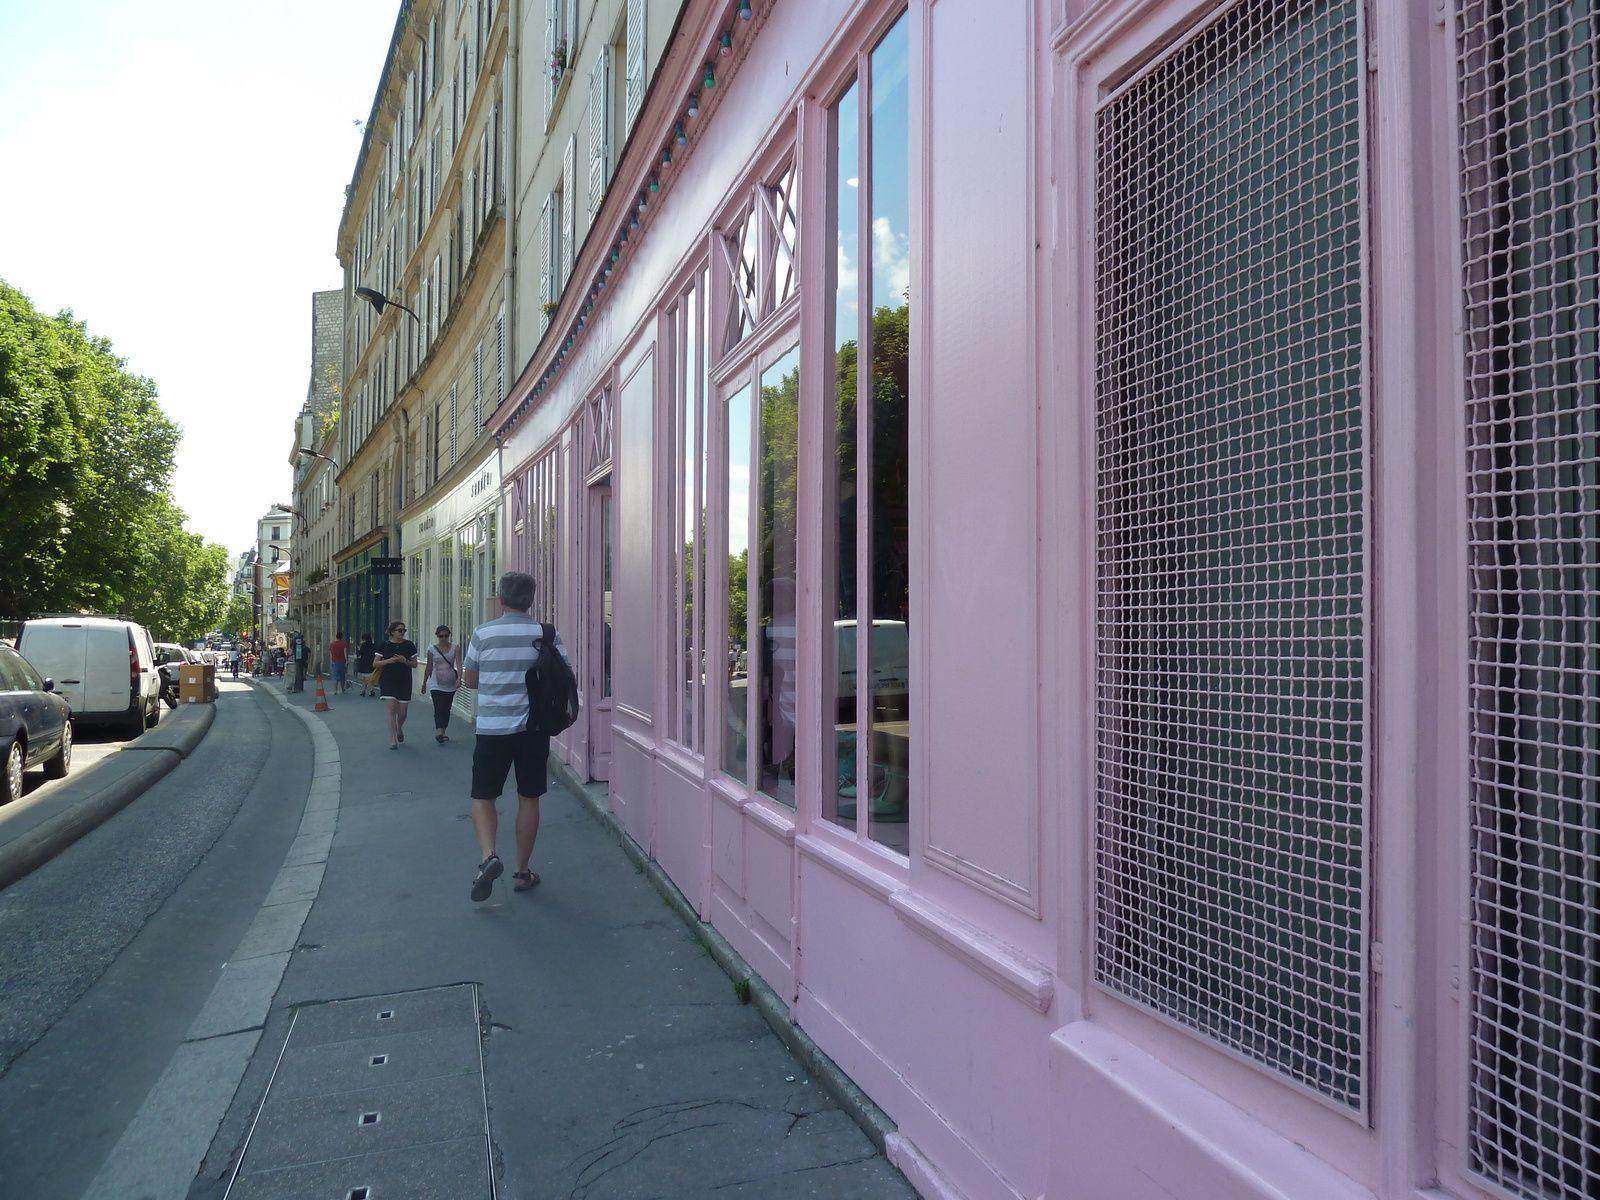 Les fameuses boutiques Antoine et Lili se distinguent par leur coloris pastel.